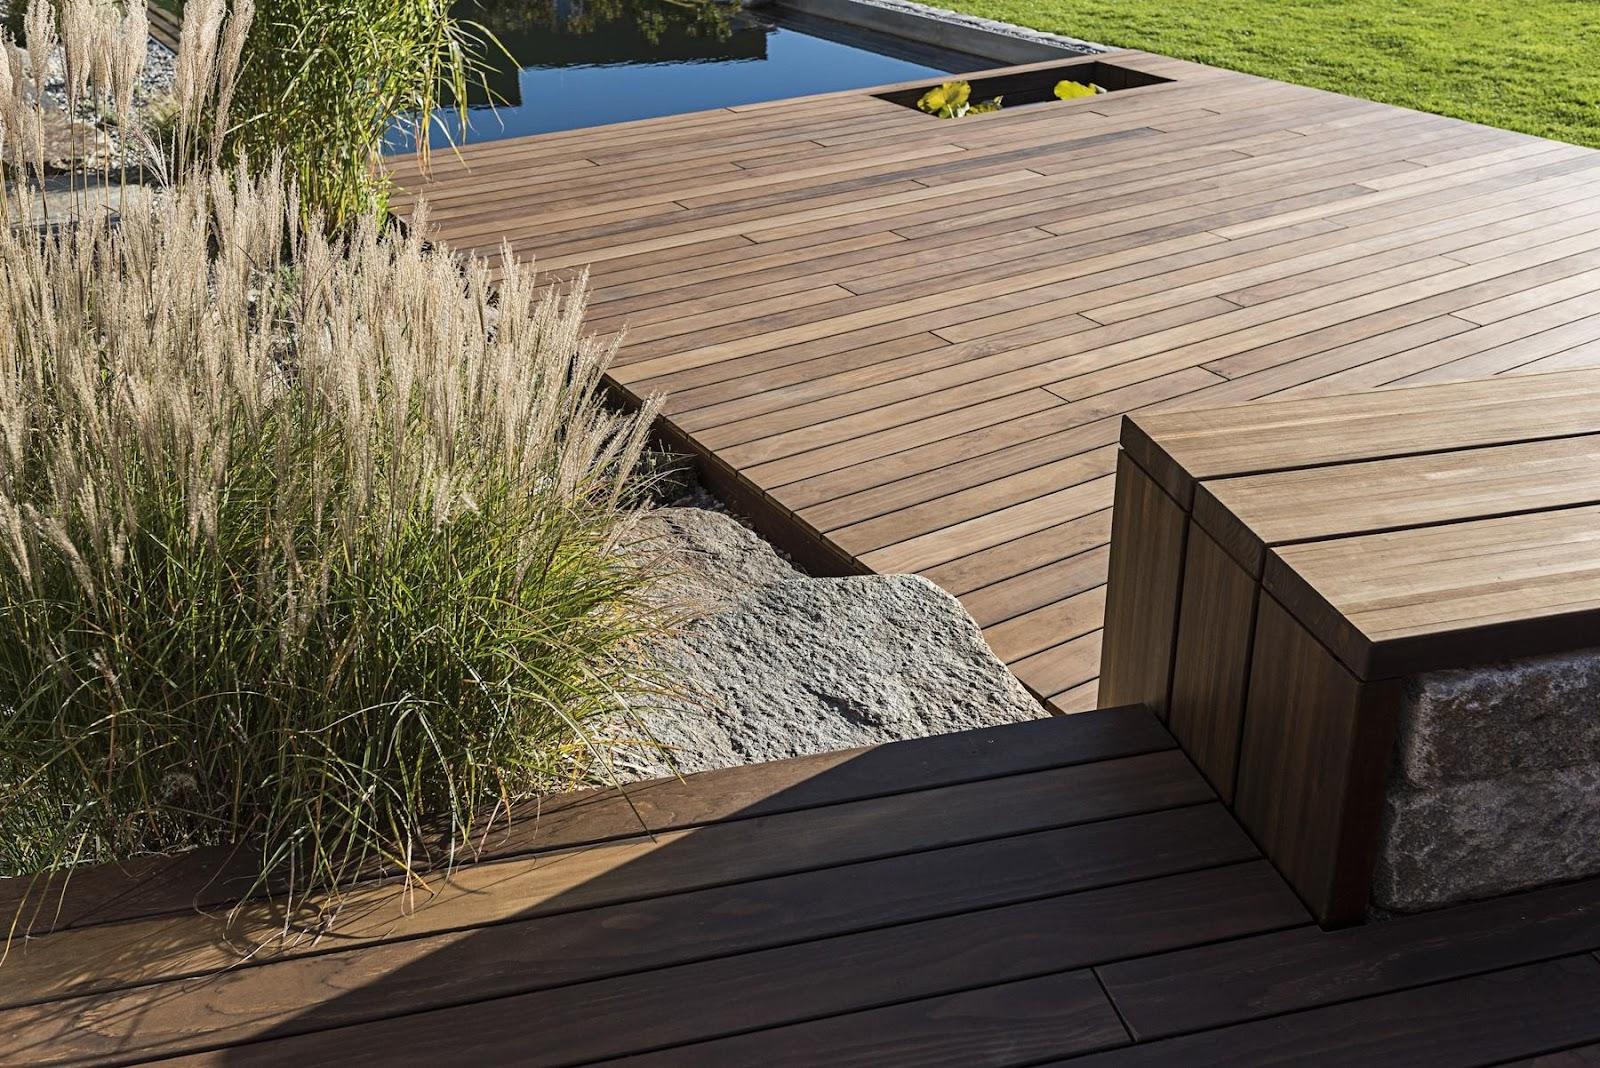 Verwenden Sie natürliche Elemente, um Ihre Holzterrasse zu ergänzen